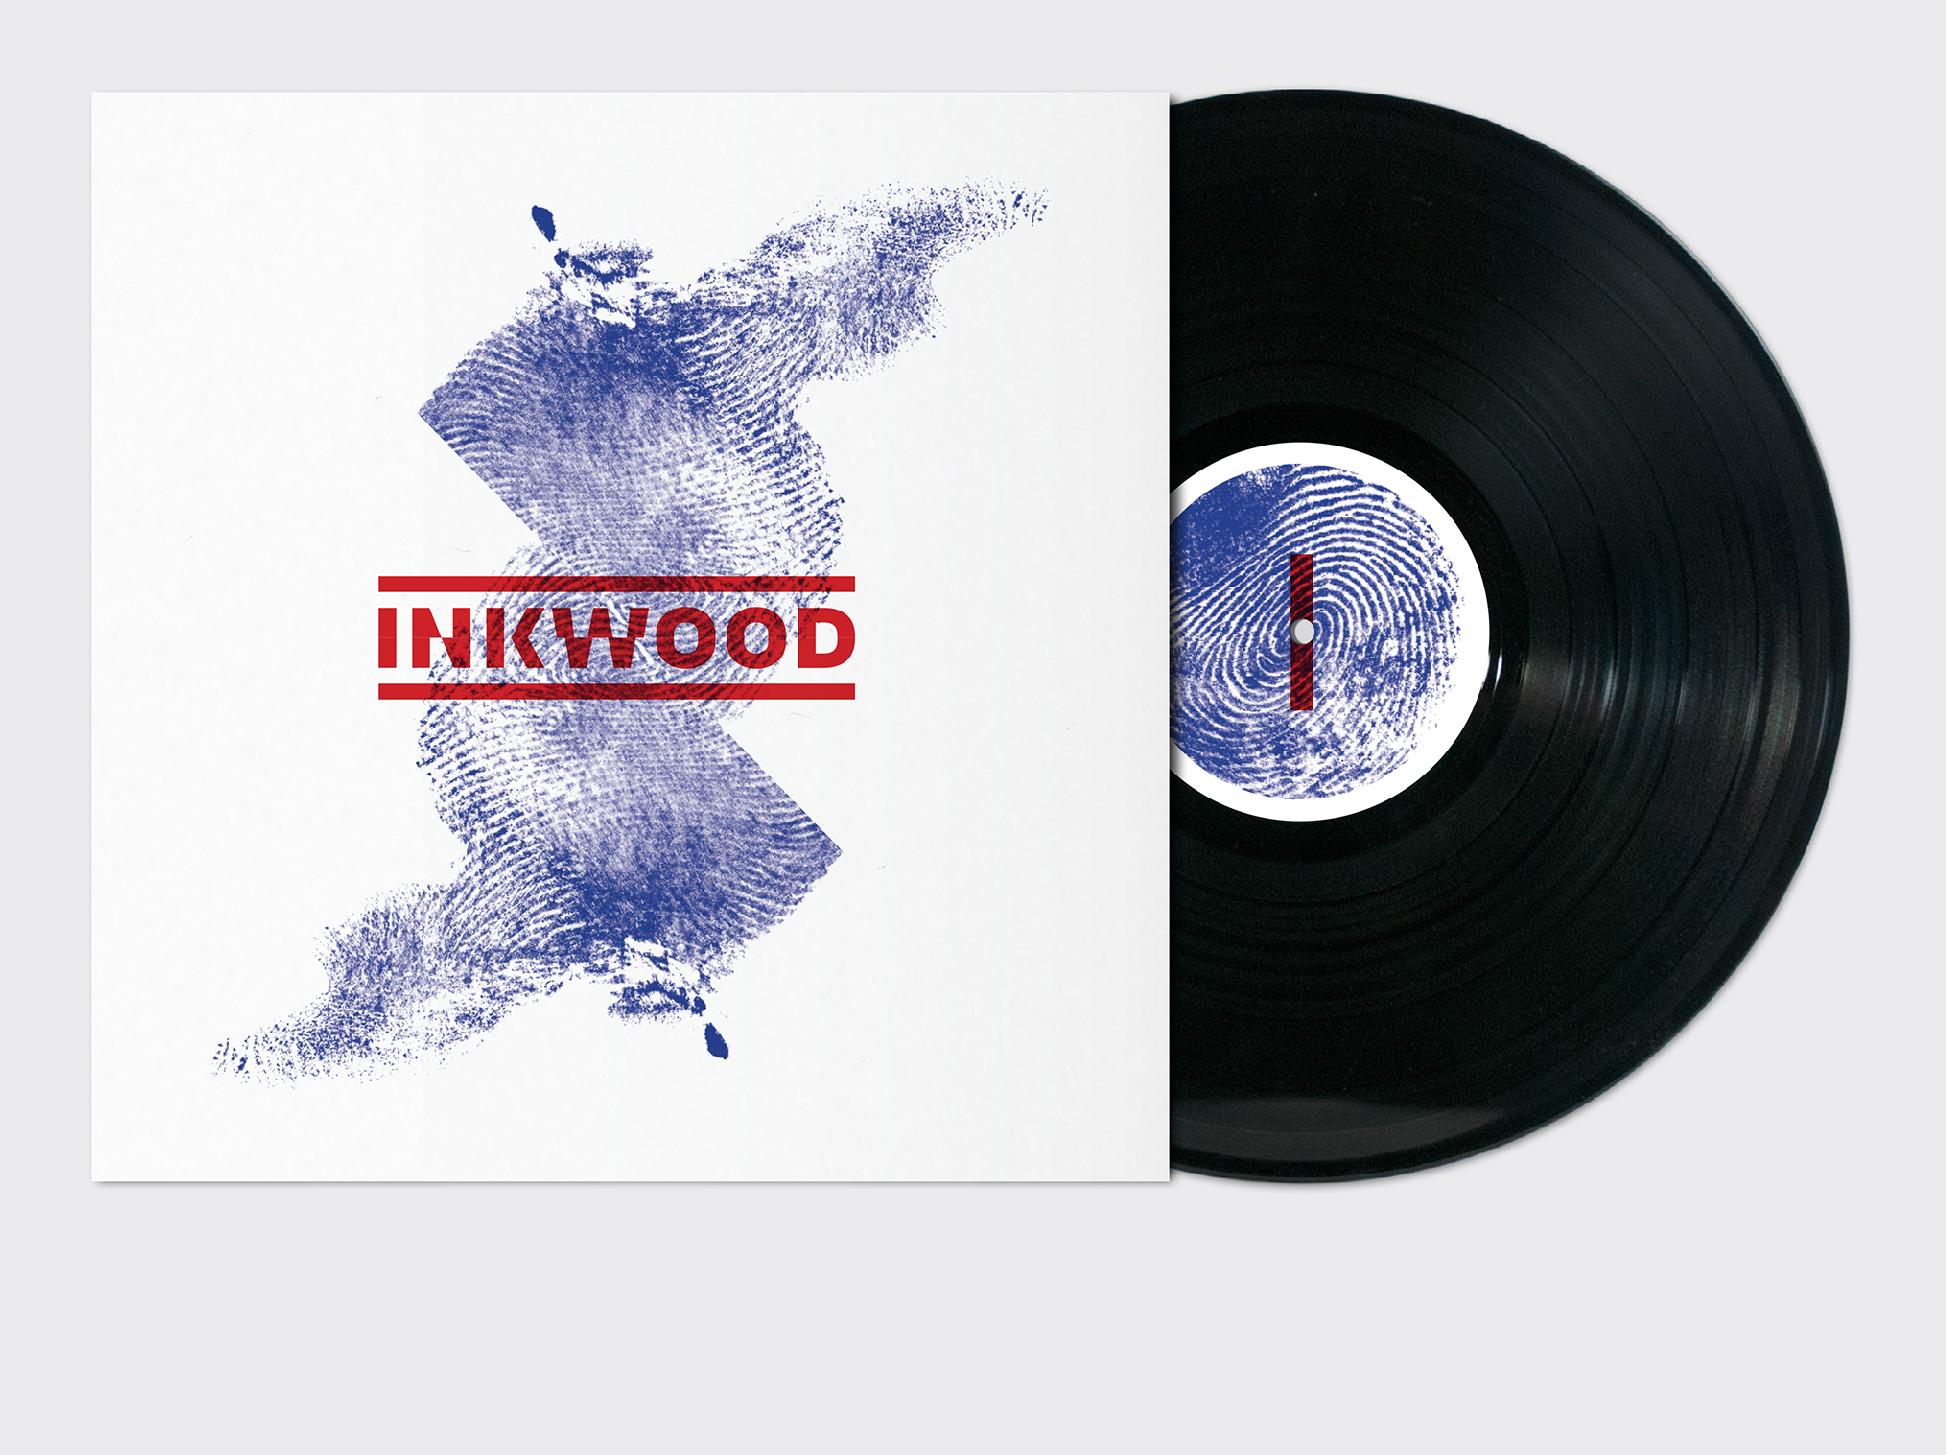 Inkwood / Atelier à Propos (1)